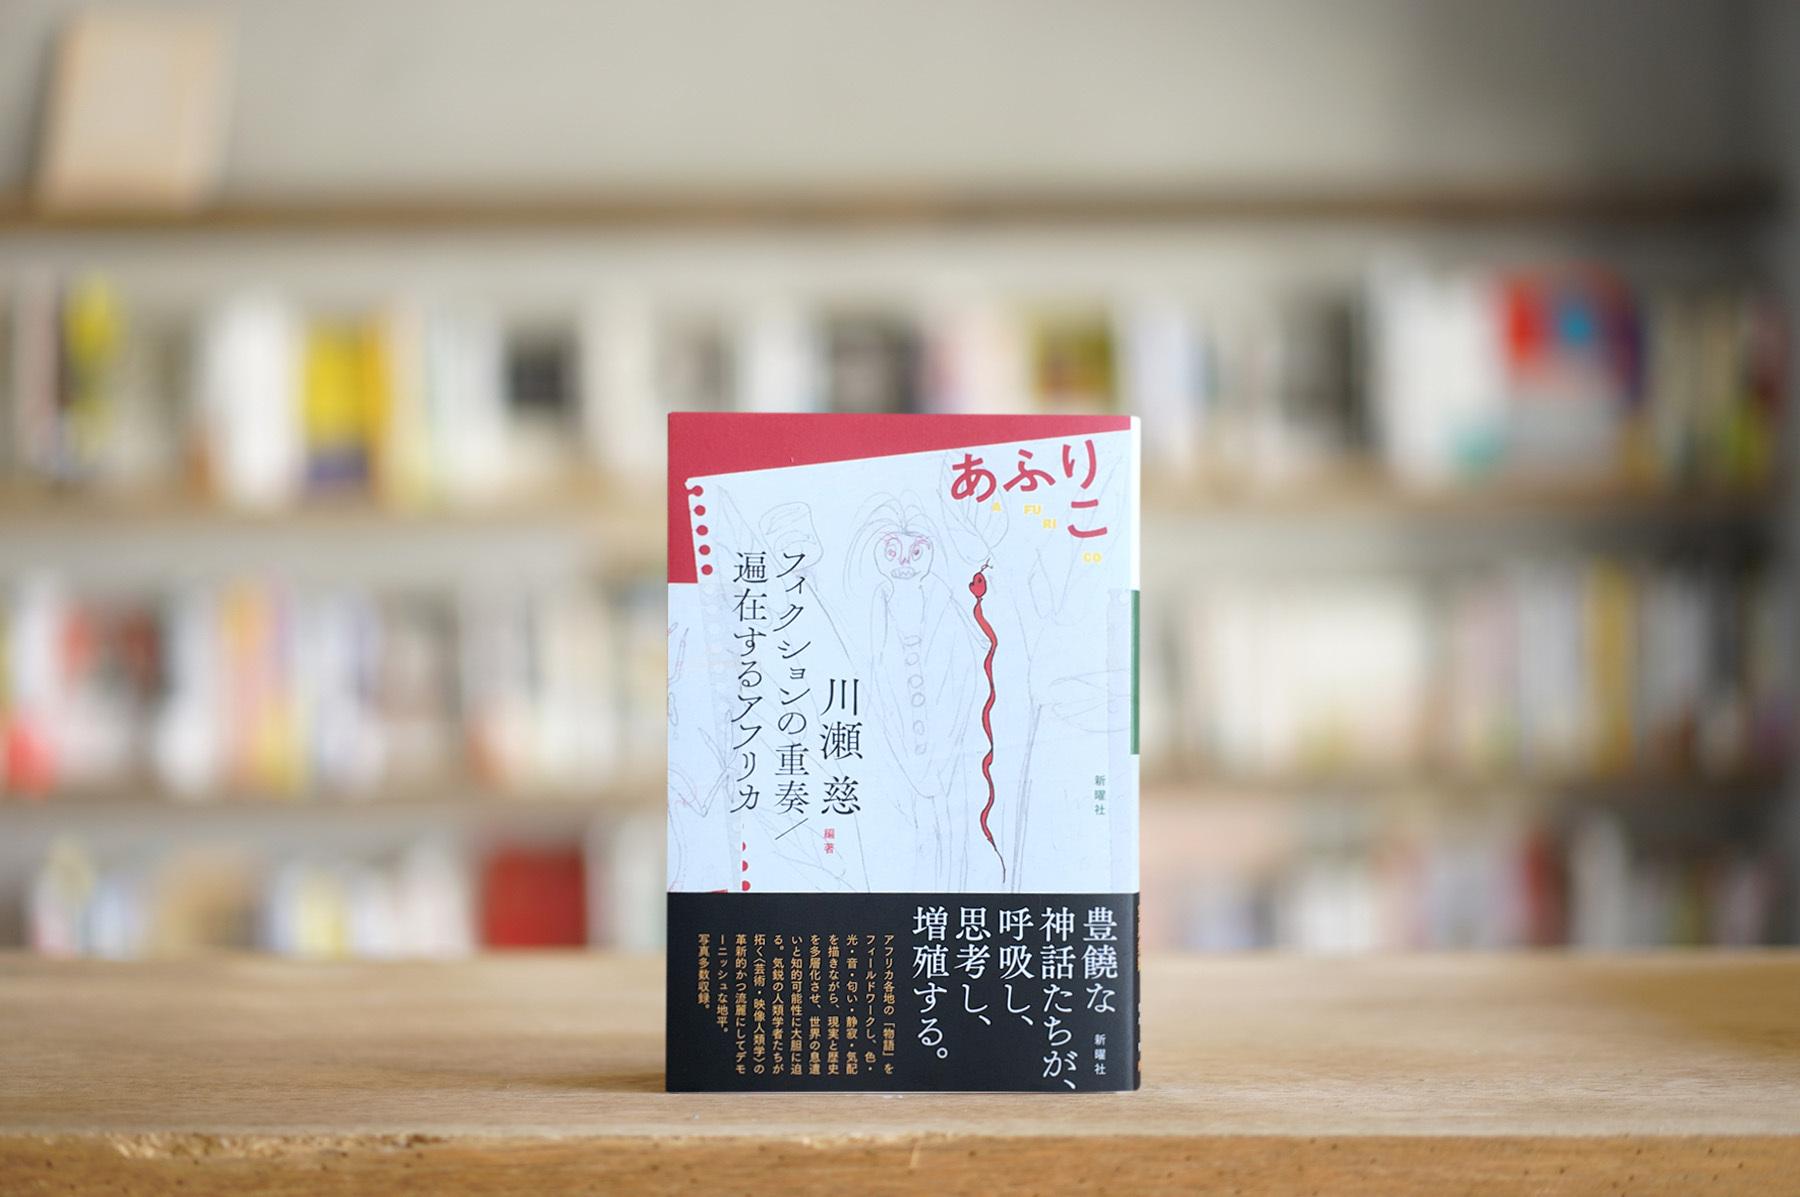 編著:川瀬慈 『あふりこ フィクションの重奏/偏在するアフリカ』 (新曜社、2019)